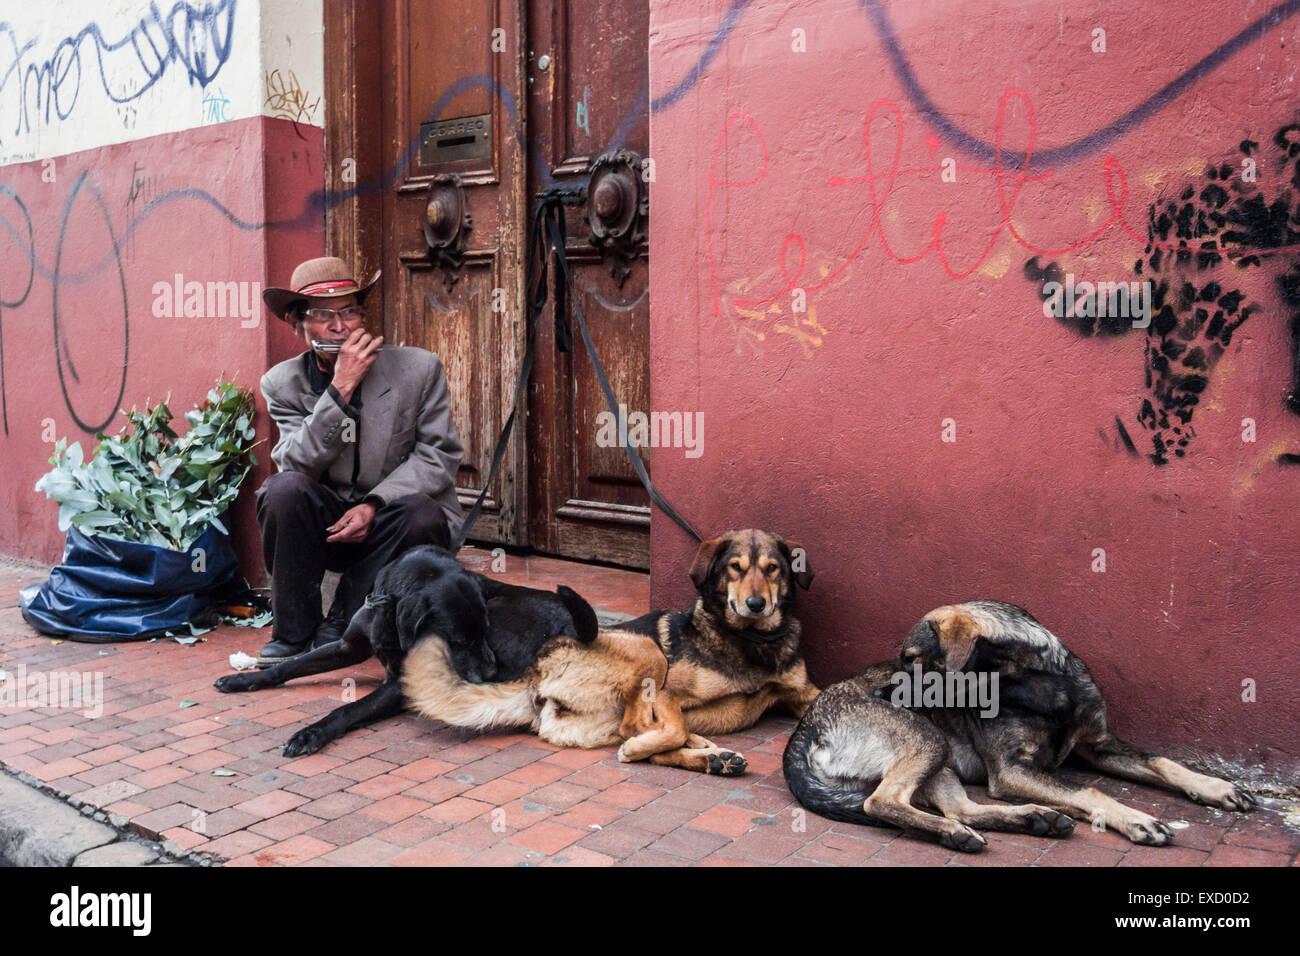 Un musicien de rue et ses chiens dans le quartier de la Candelaria Bogota, Colombie. Photo Stock